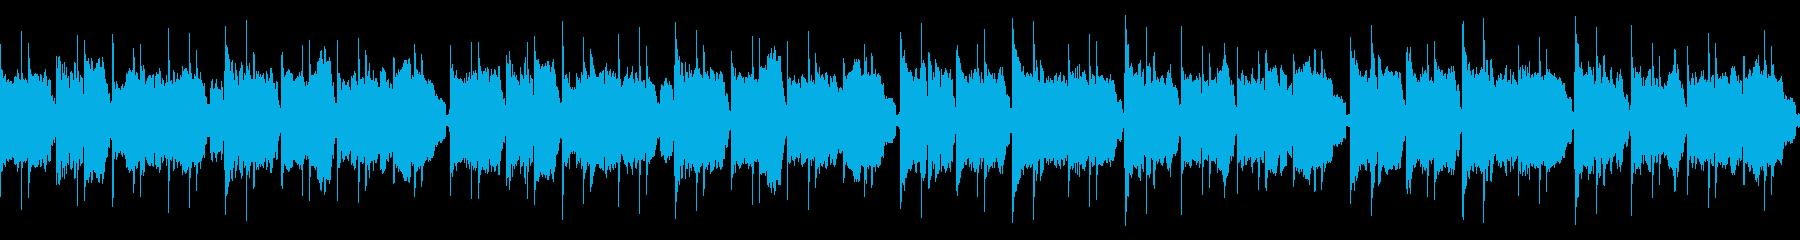 尺八で里山を感じる穏やかな和風曲(ループの再生済みの波形